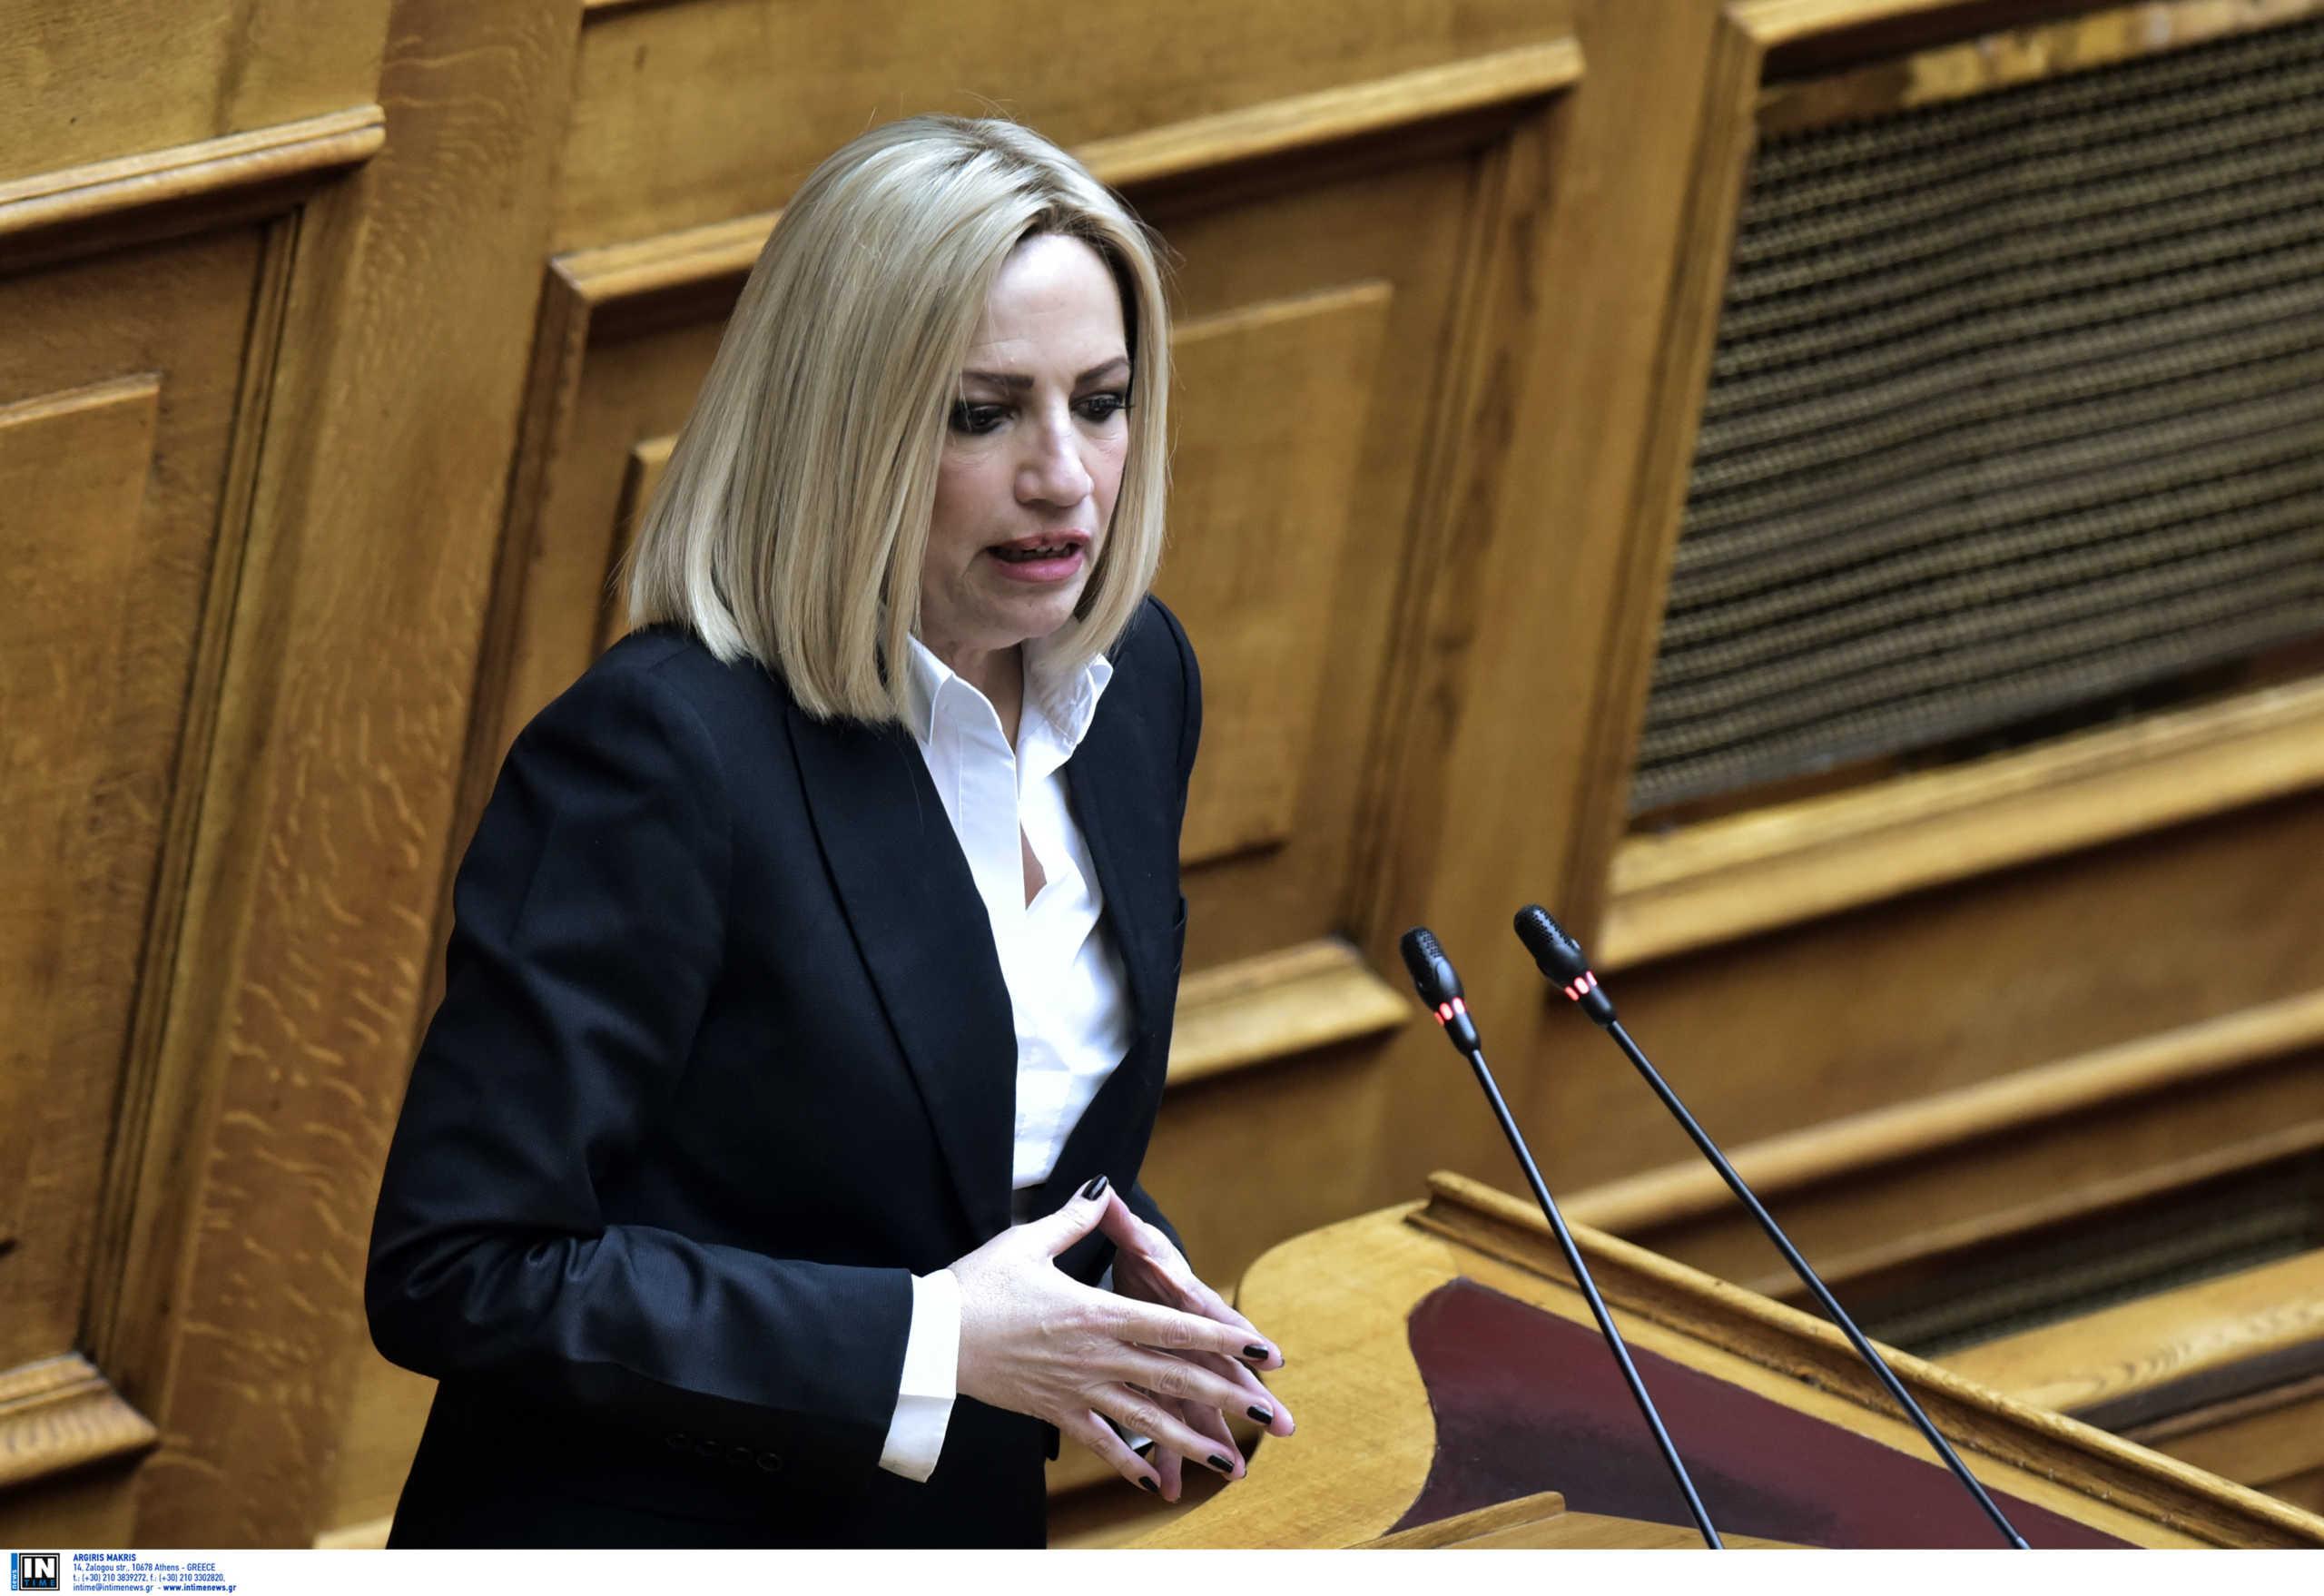 Γεννηματά: «Να αντιδράσει η Ελλάδα αν ο Ερντογάν περάσει από τα λόγια  στις πράξεις»